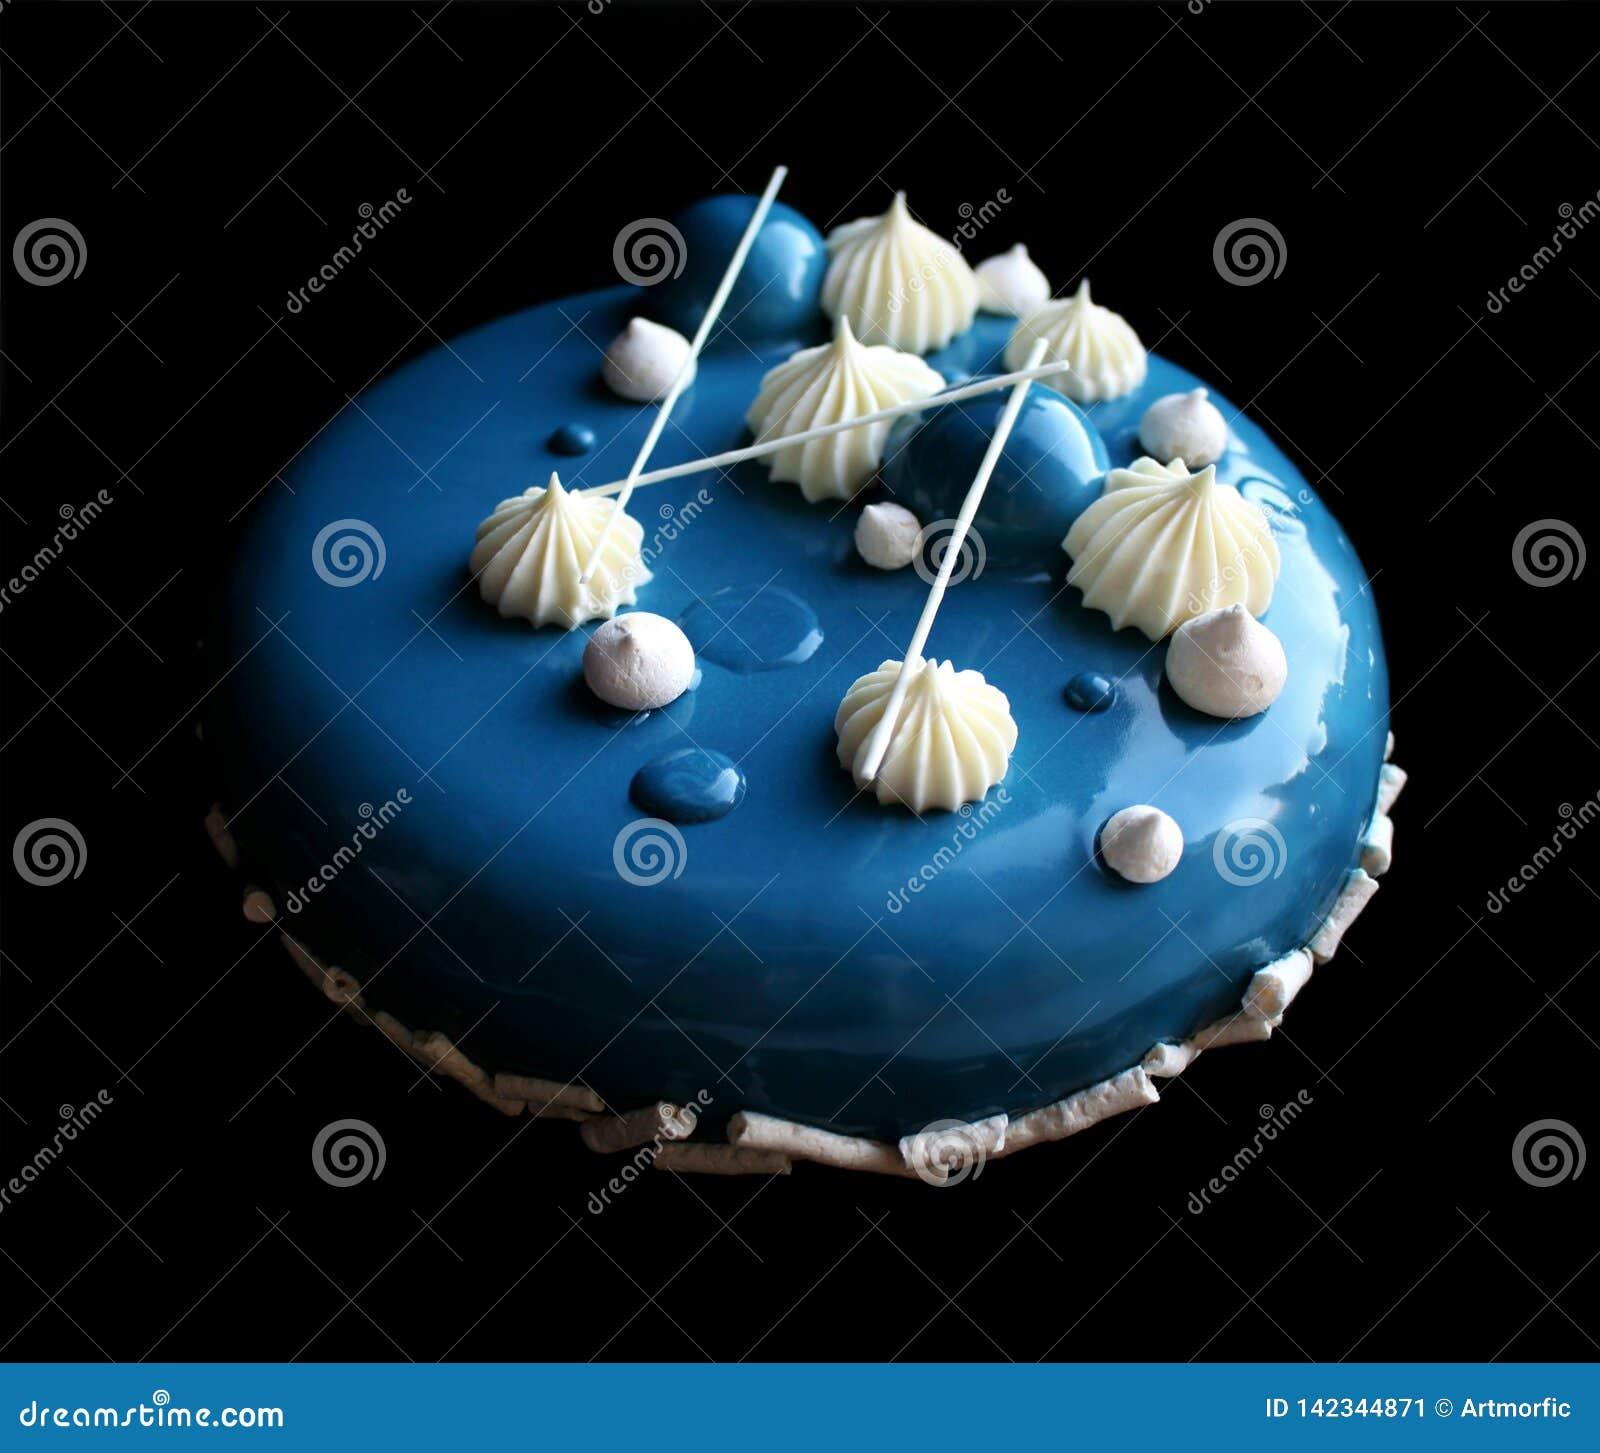 Błękitny i biały tort z białym błyszczącym mousse tortem z,